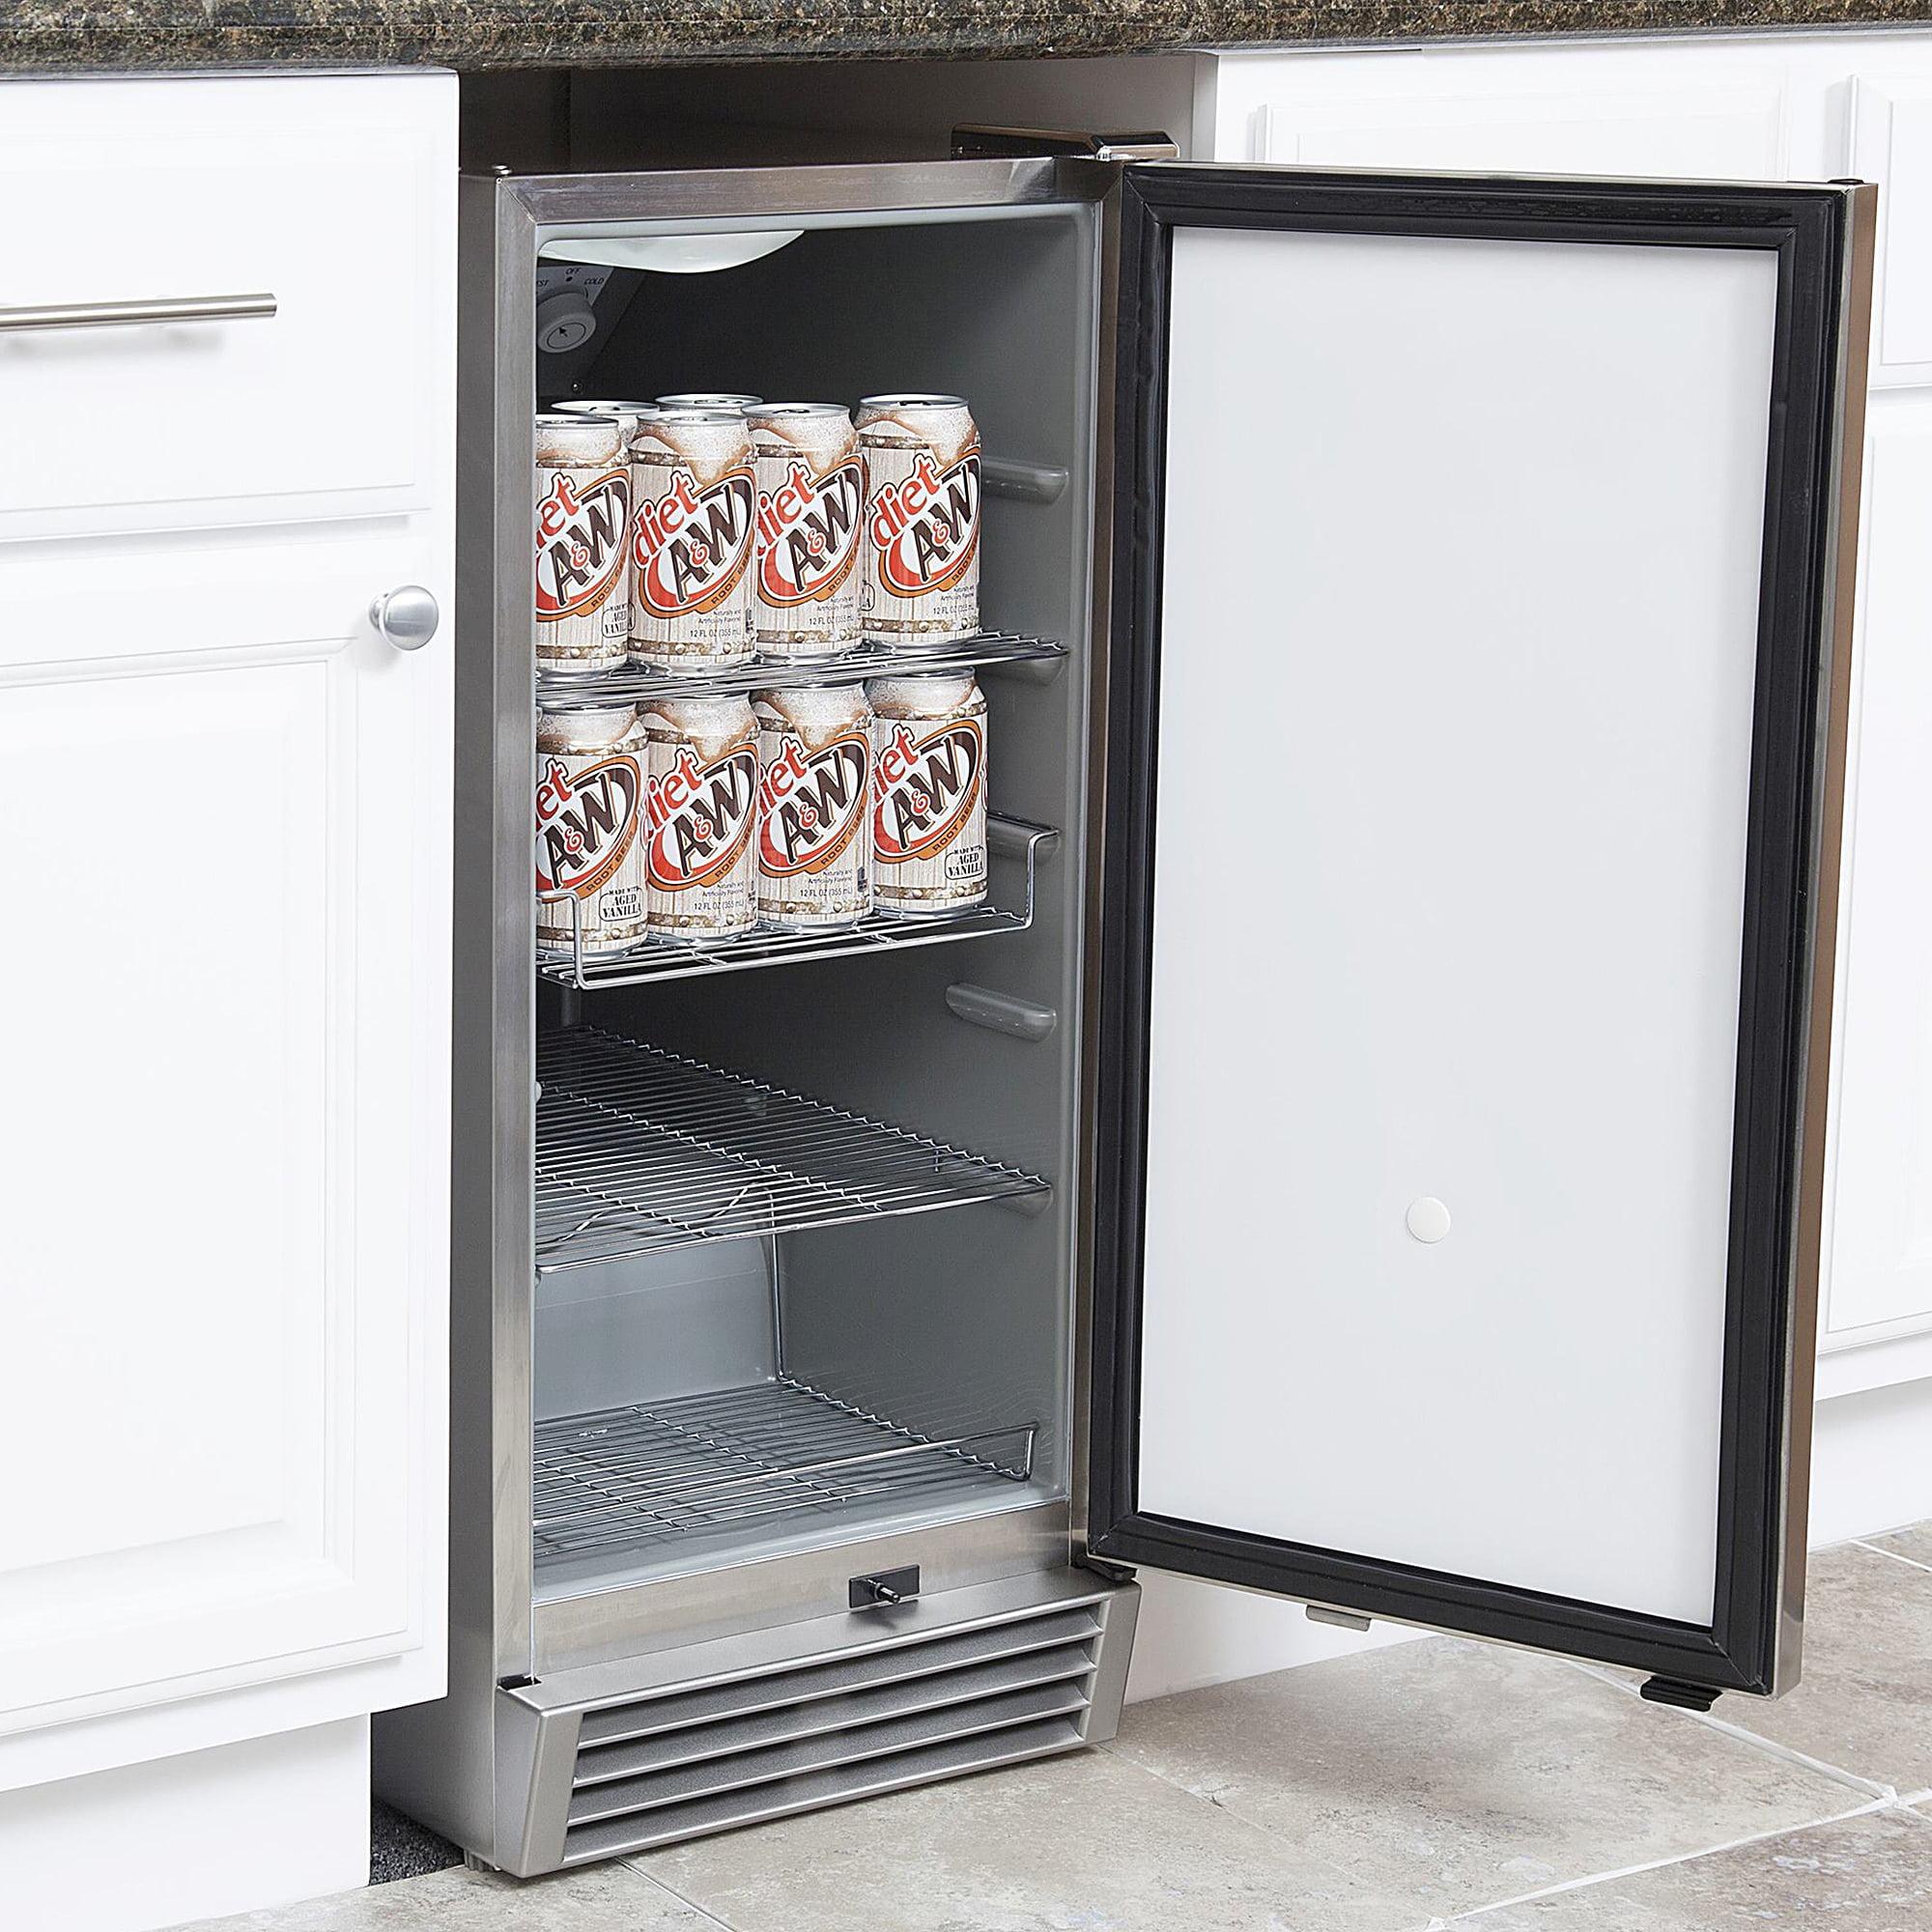 Refrigerator Outdoor Whynter Bor 325fs Stainless Steel Indoor Outdoor Beverage